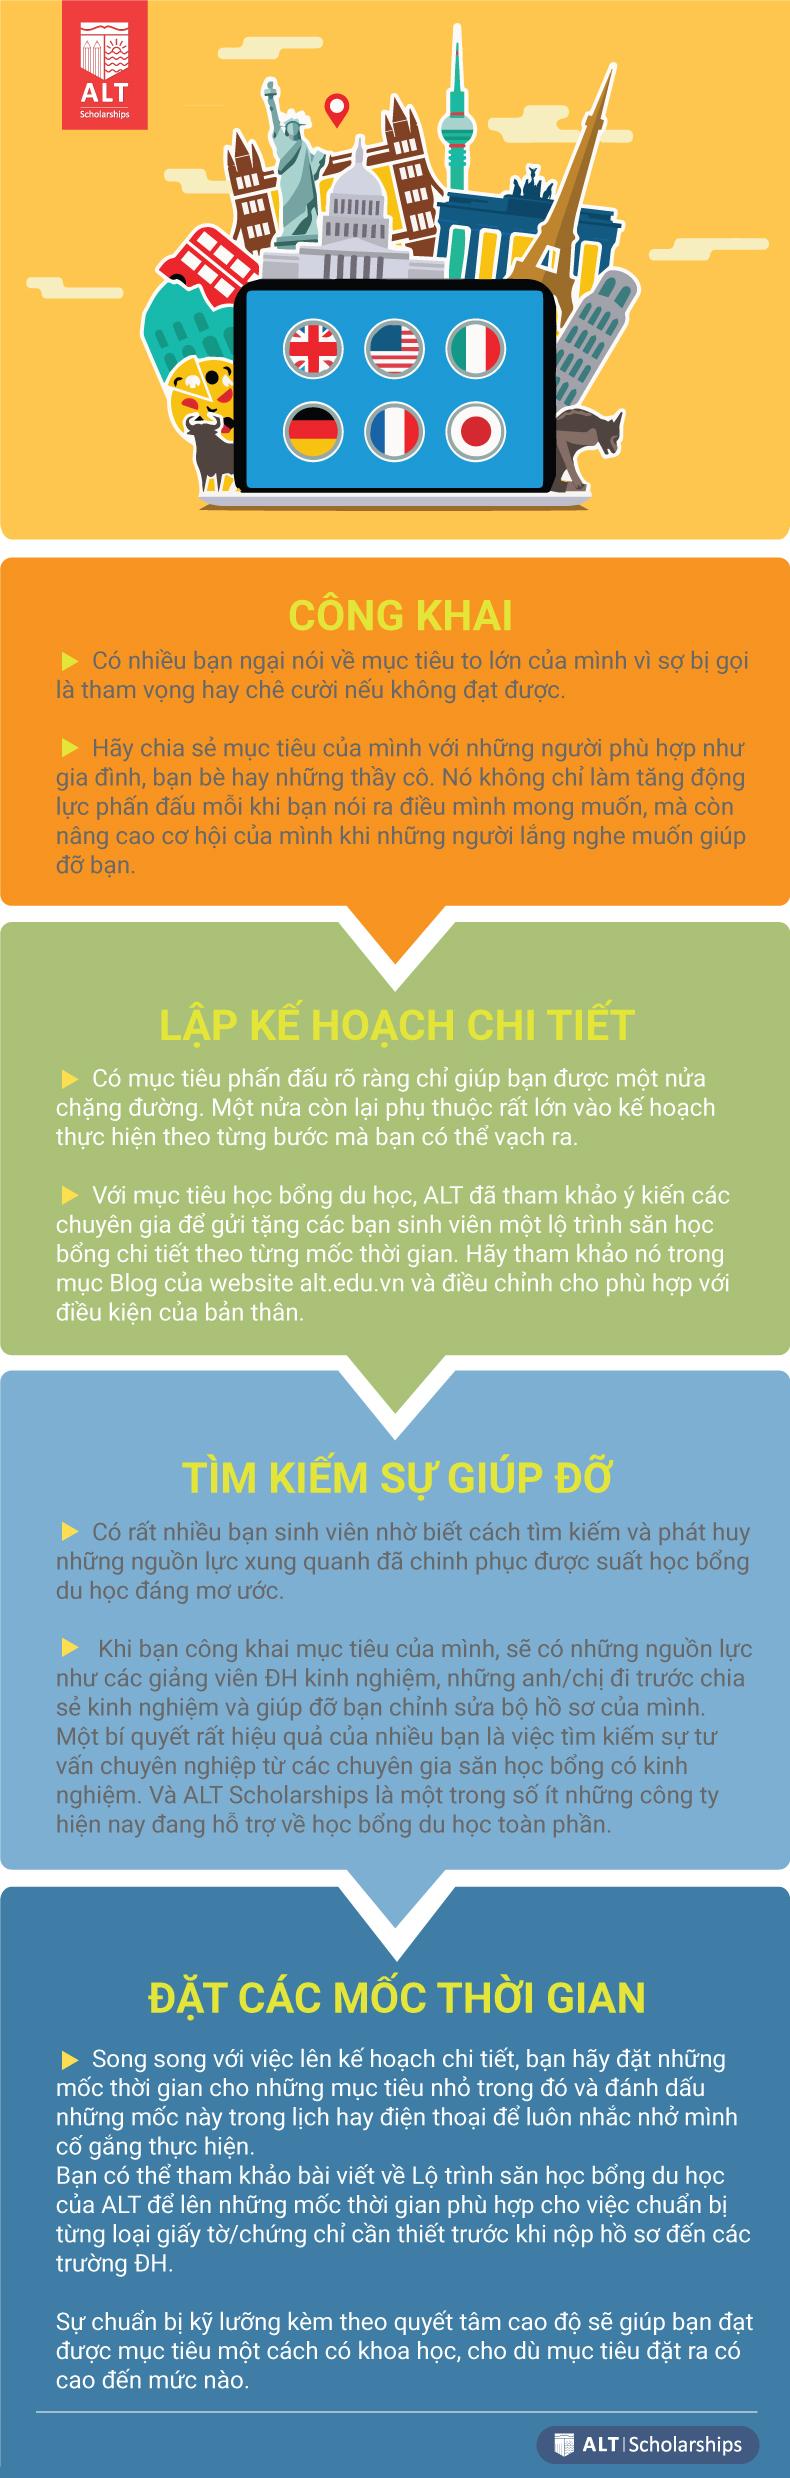 chinh phuc hoc bong du hoc